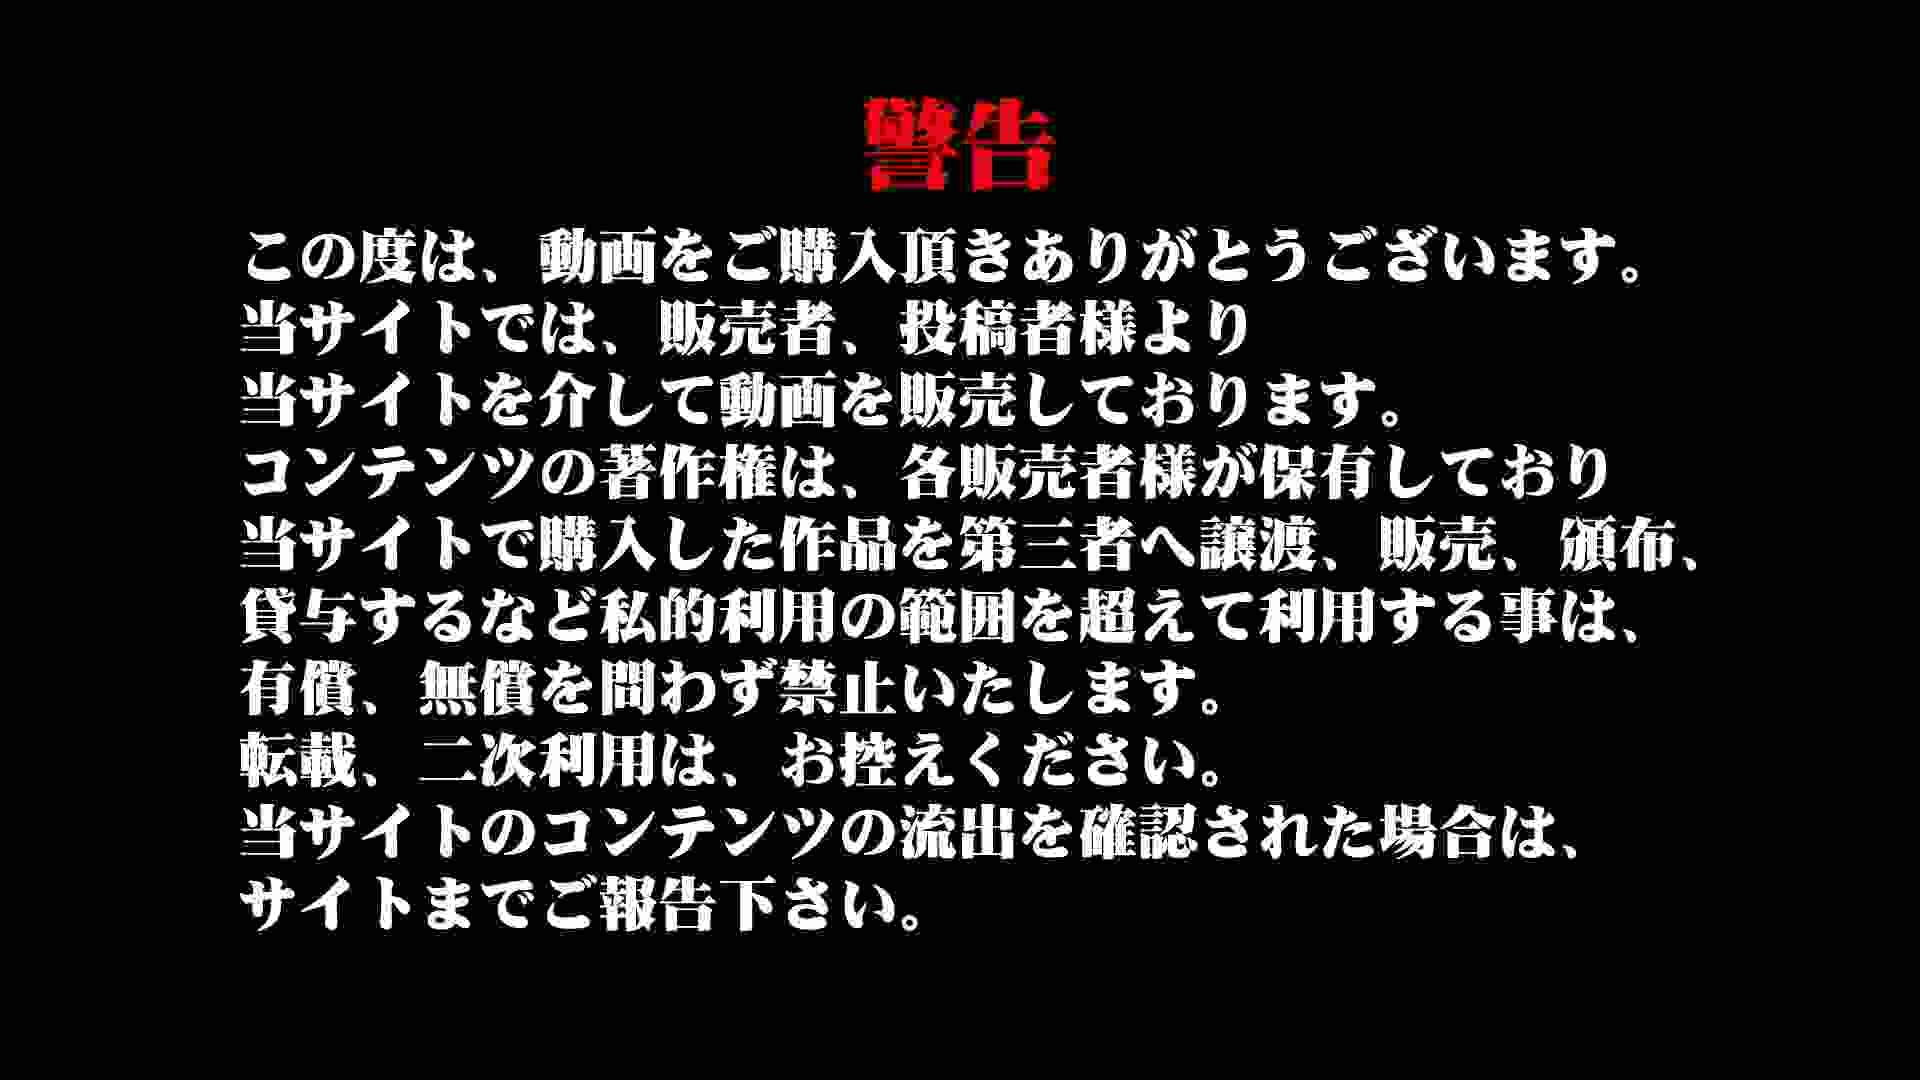 Aquaな露天風呂Vol.927 盗撮師作品 ぱこり動画紹介 87pic 32